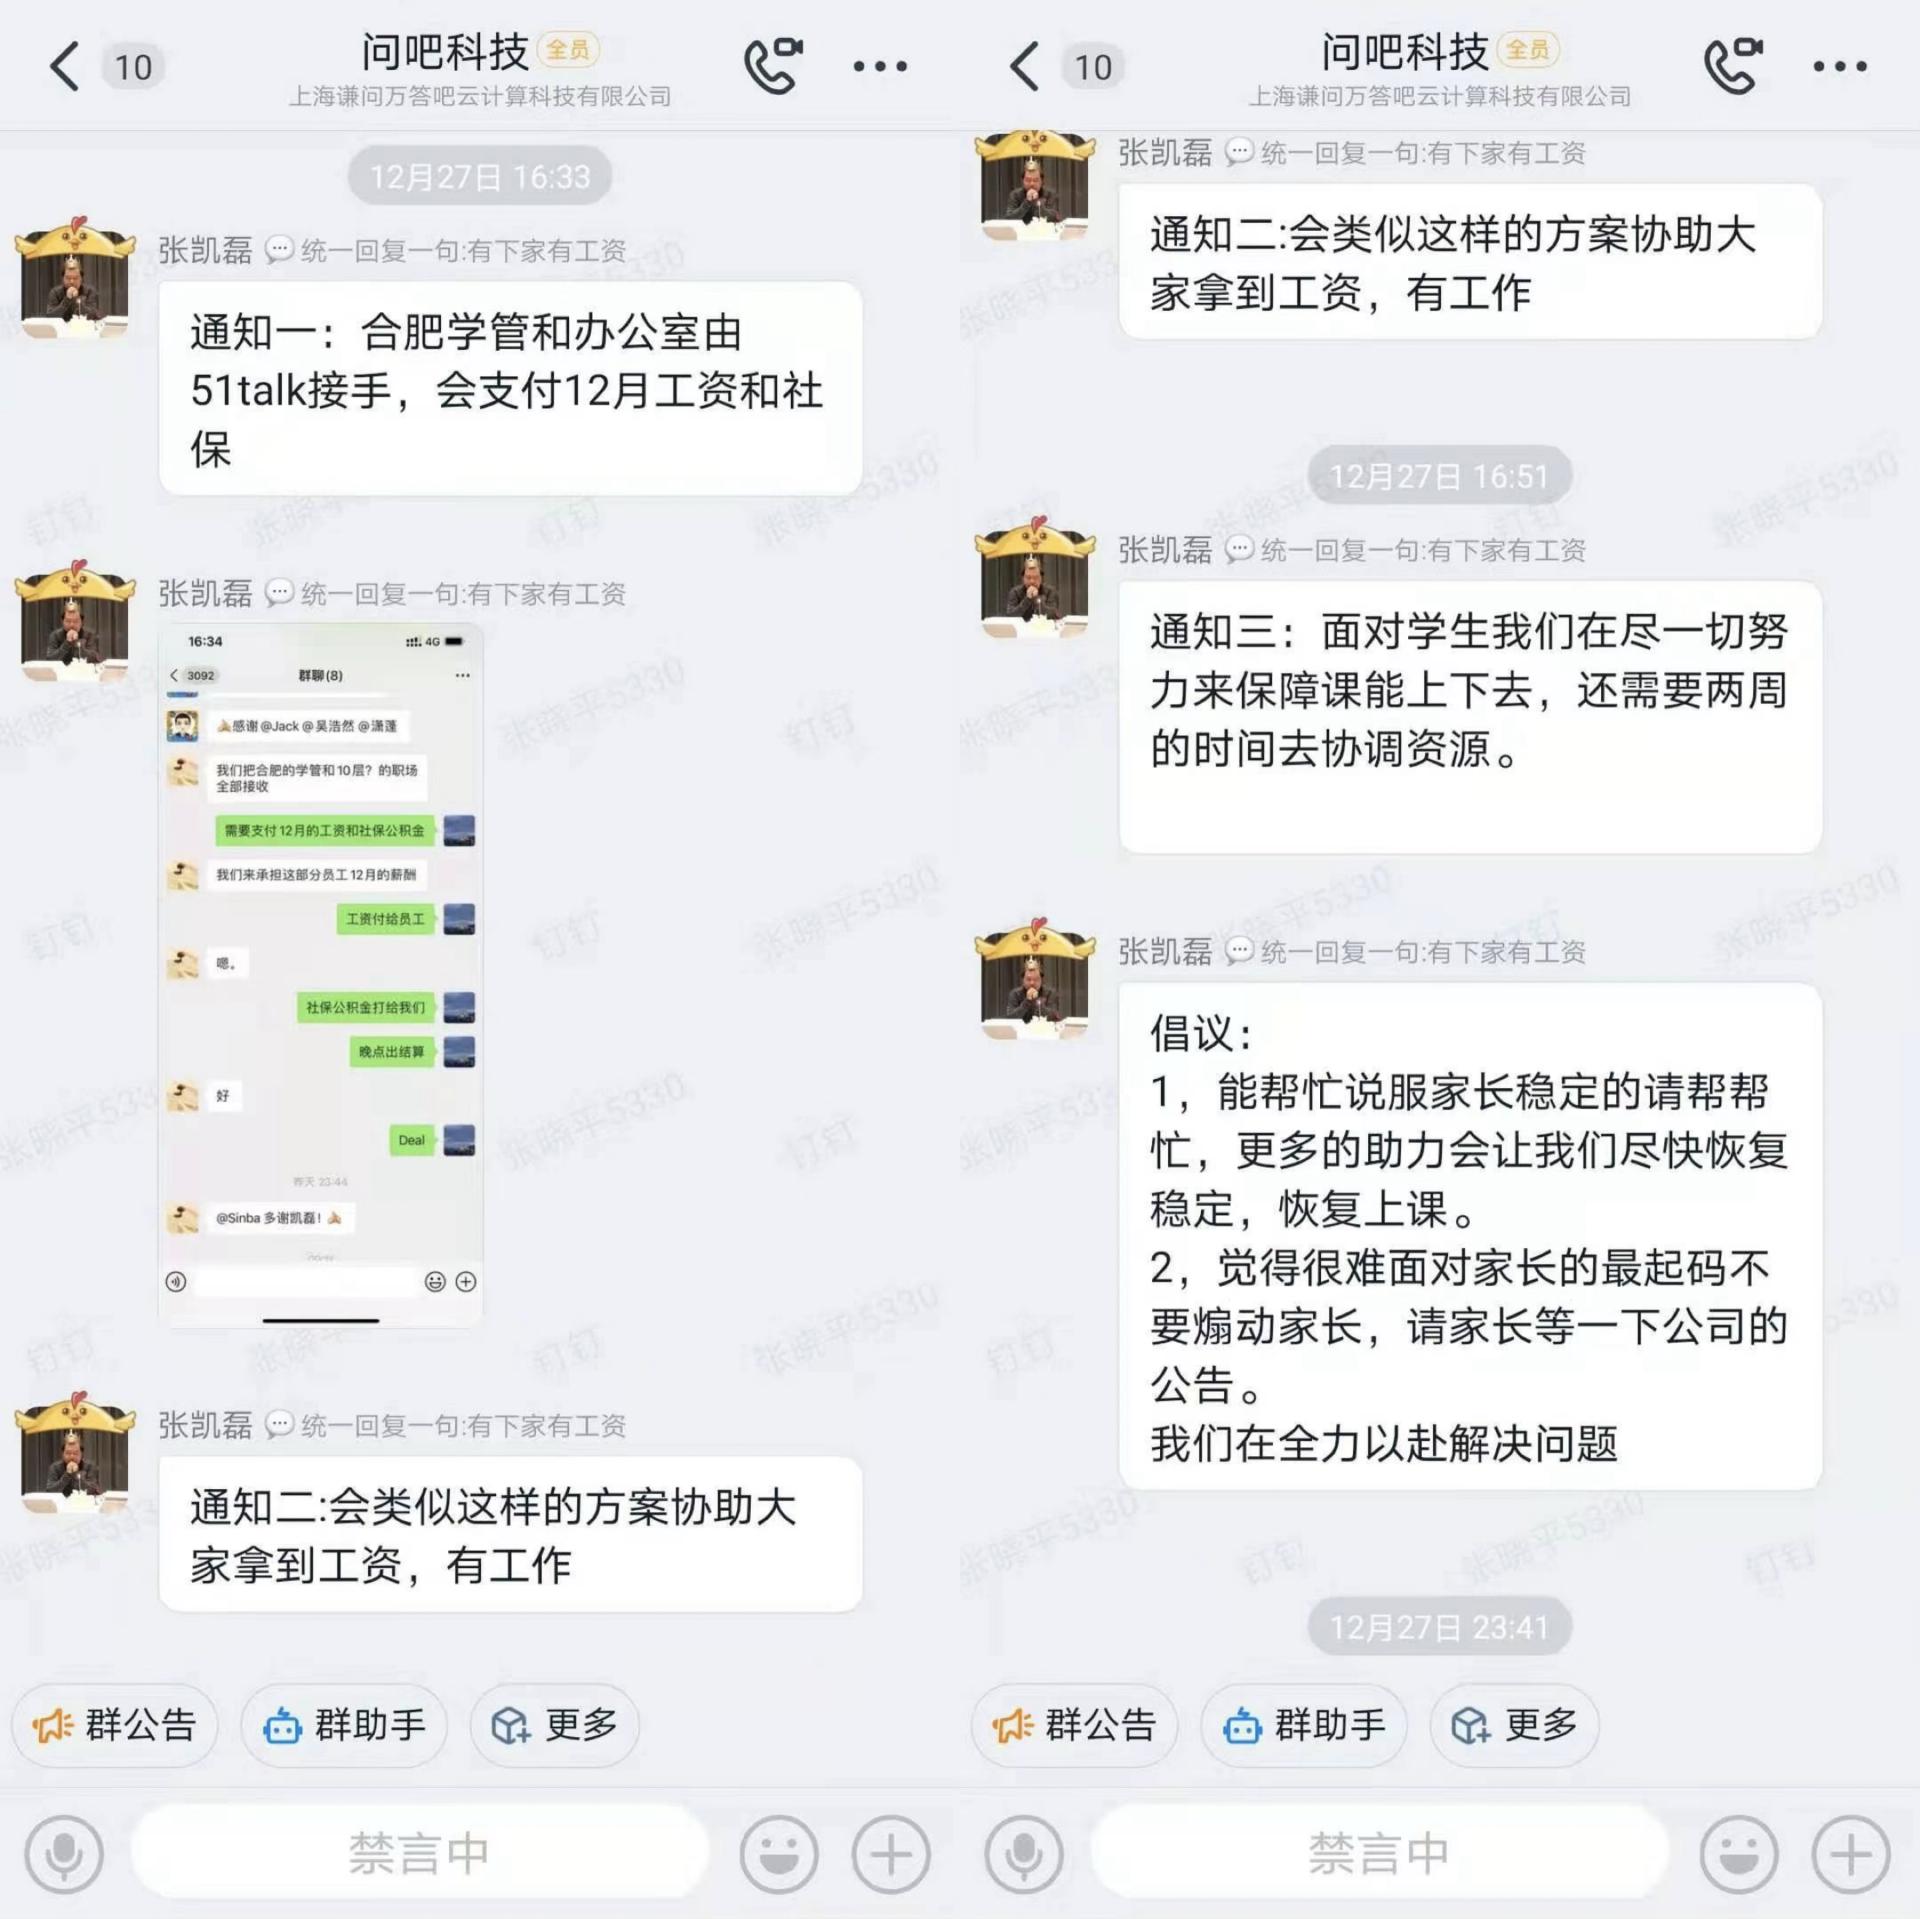 张凯磊在公司办公群聊中回应